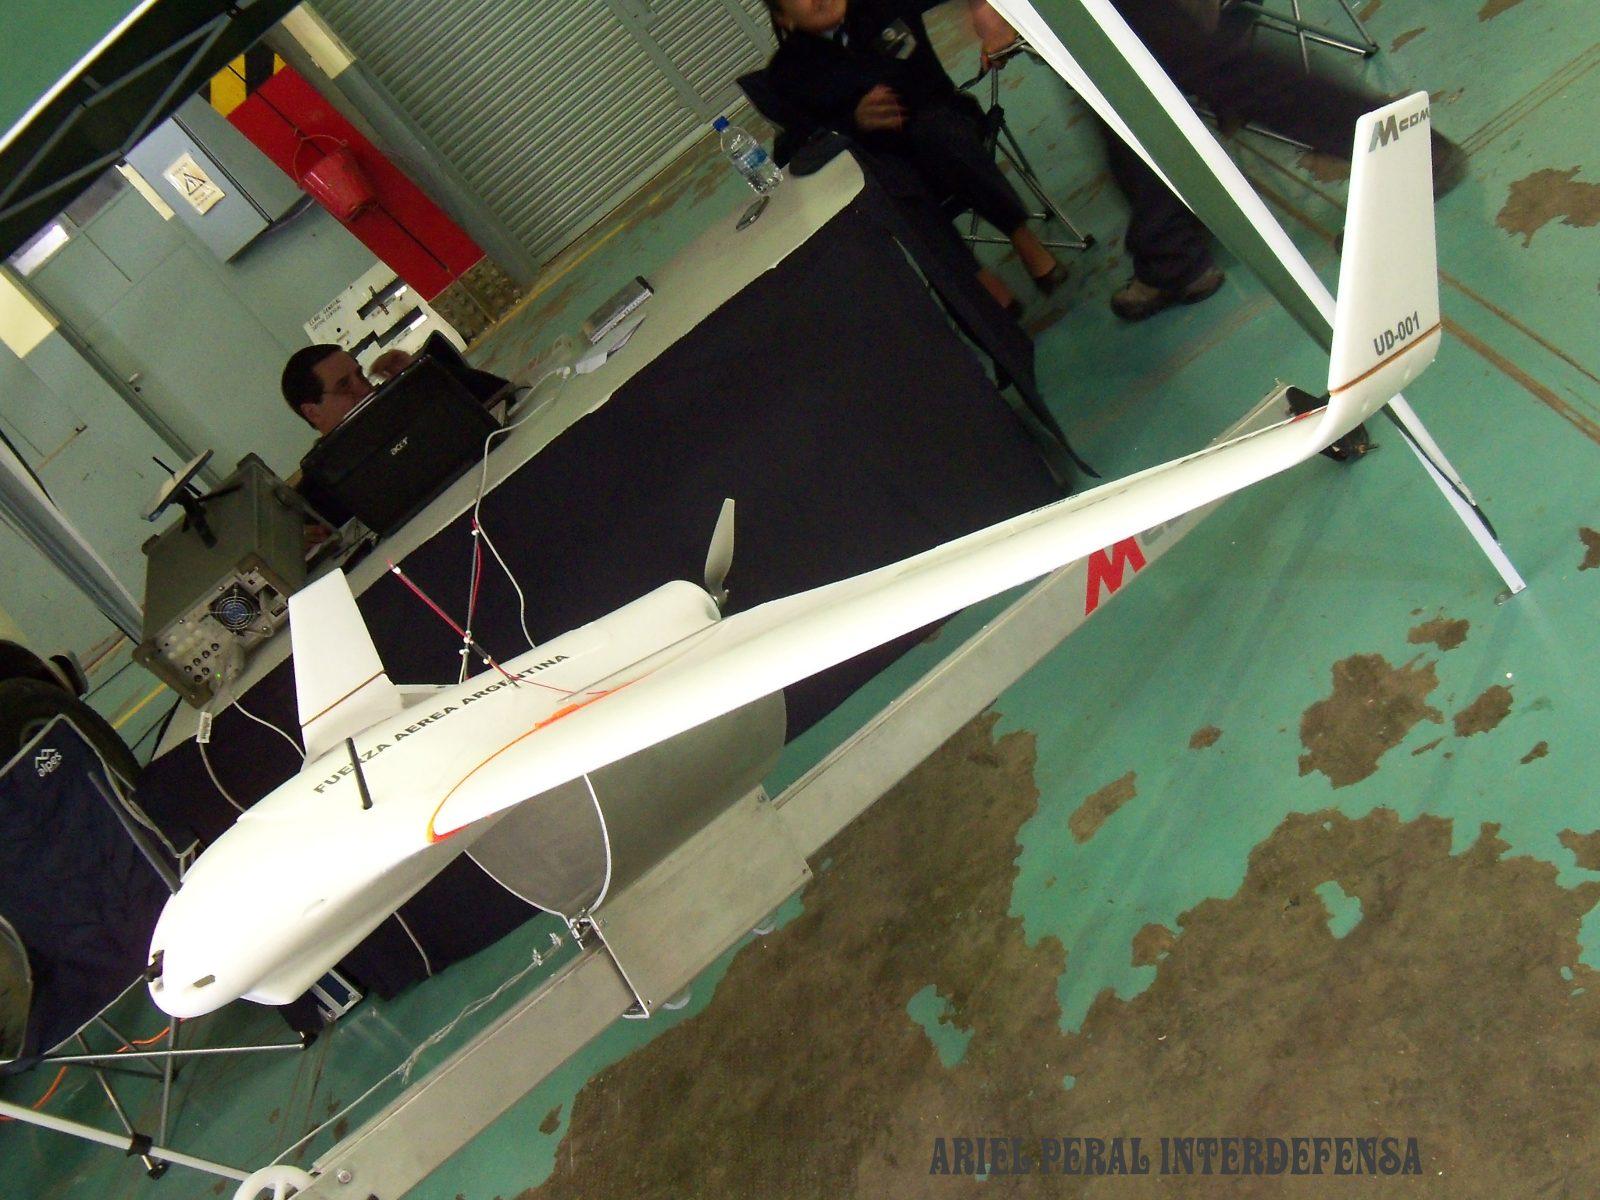 Fotos de la Fuerza Aérea Argentina - Página 3 5eagr5